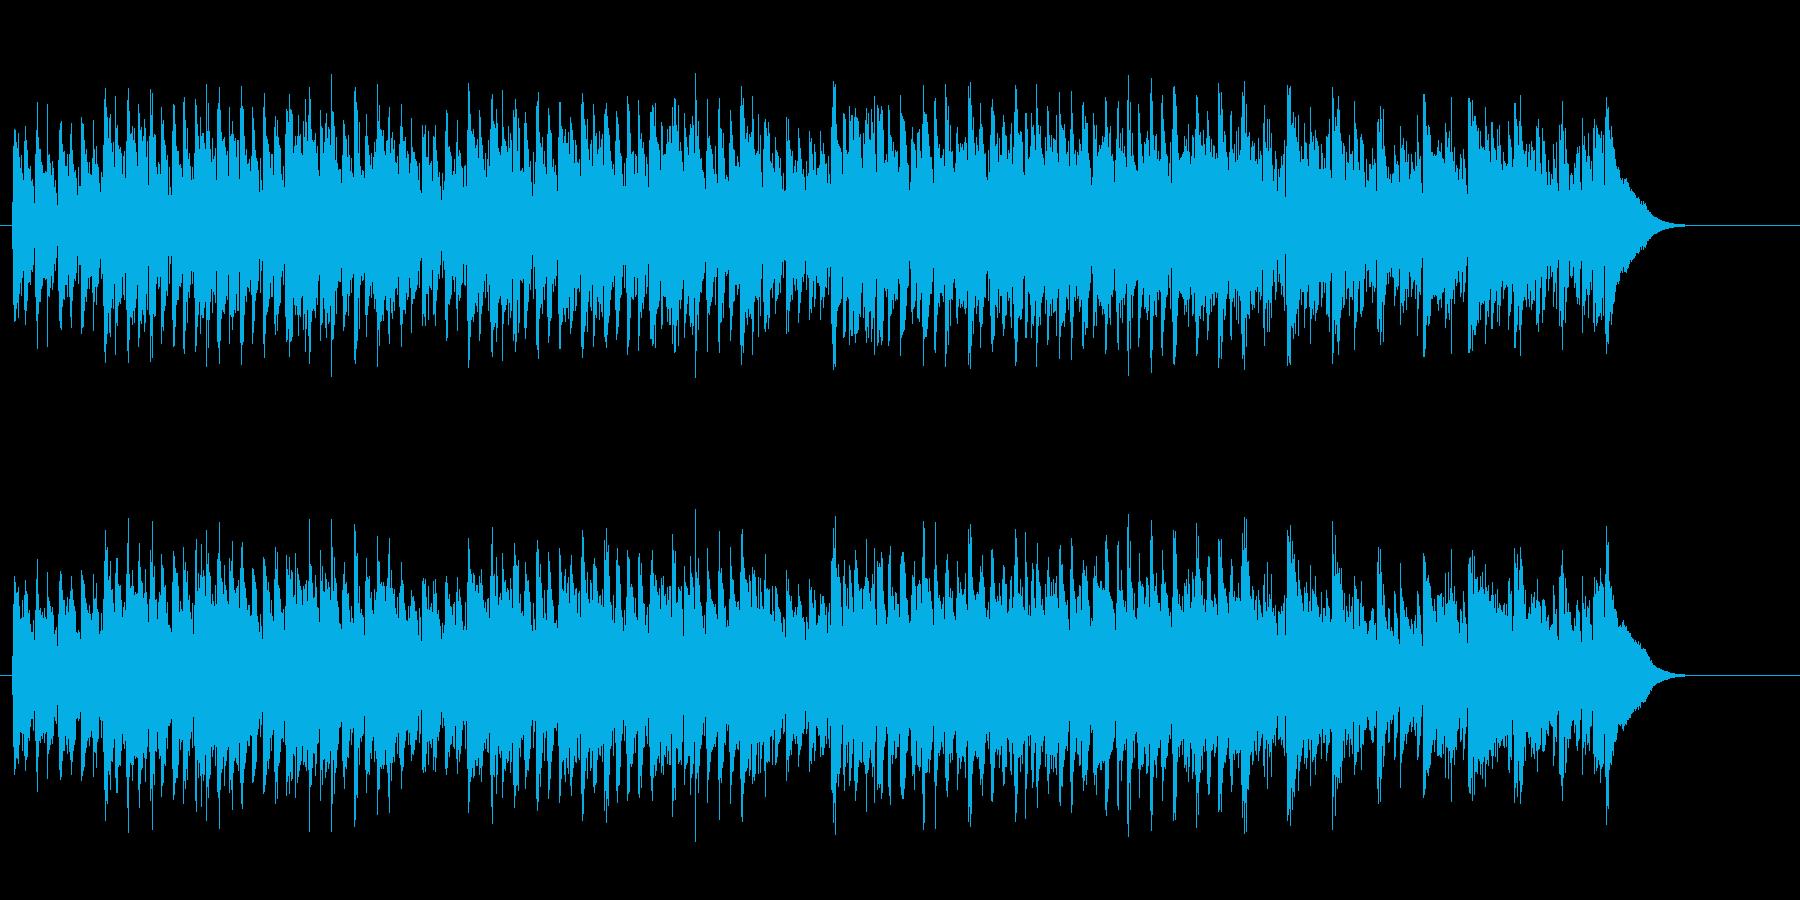 奇妙な西部劇風フラメンコ調ジプシー風の再生済みの波形